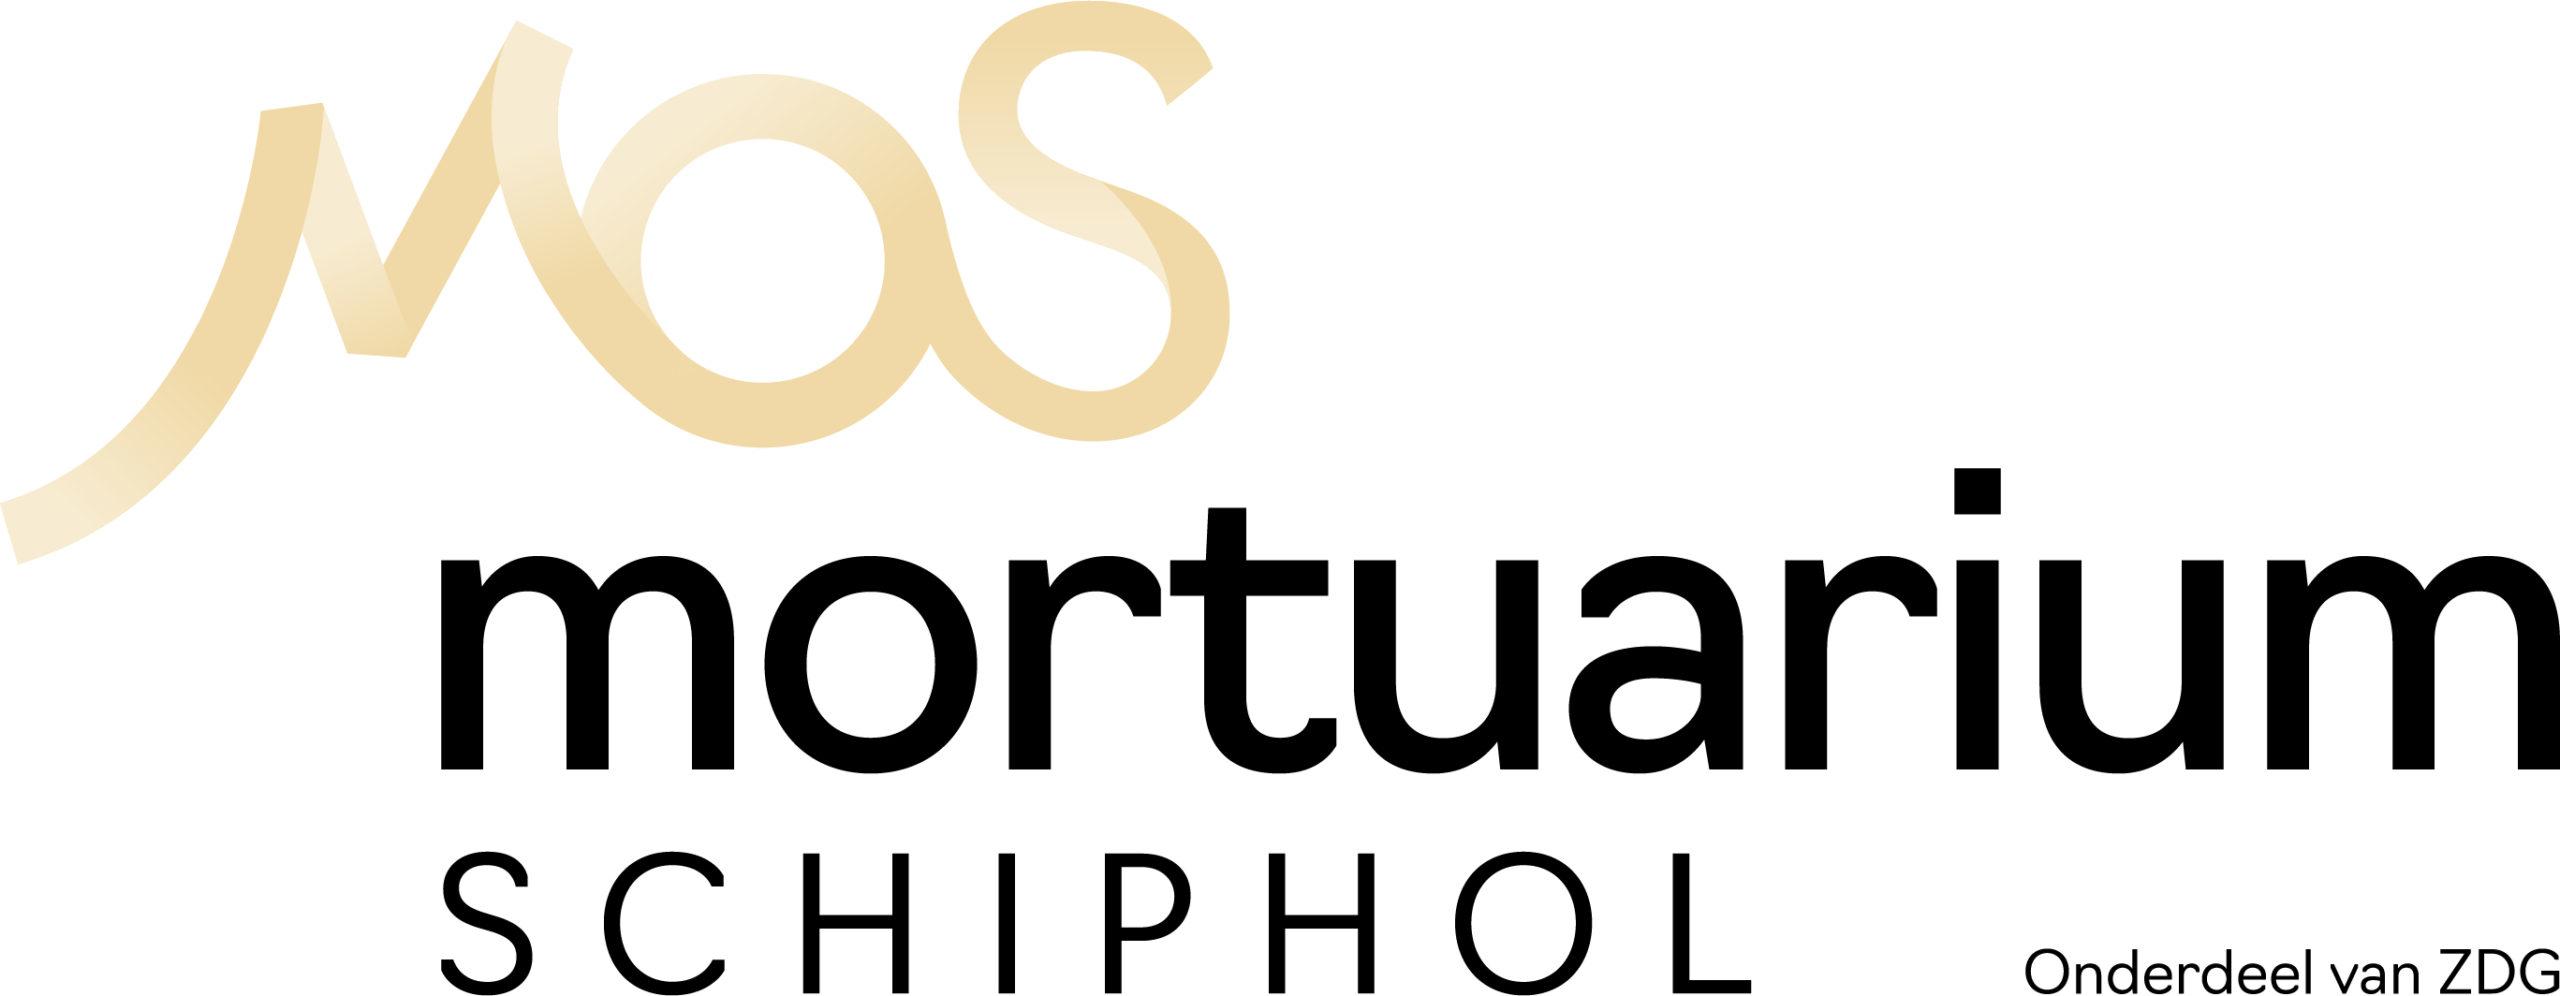 Mortuarium Schiphol